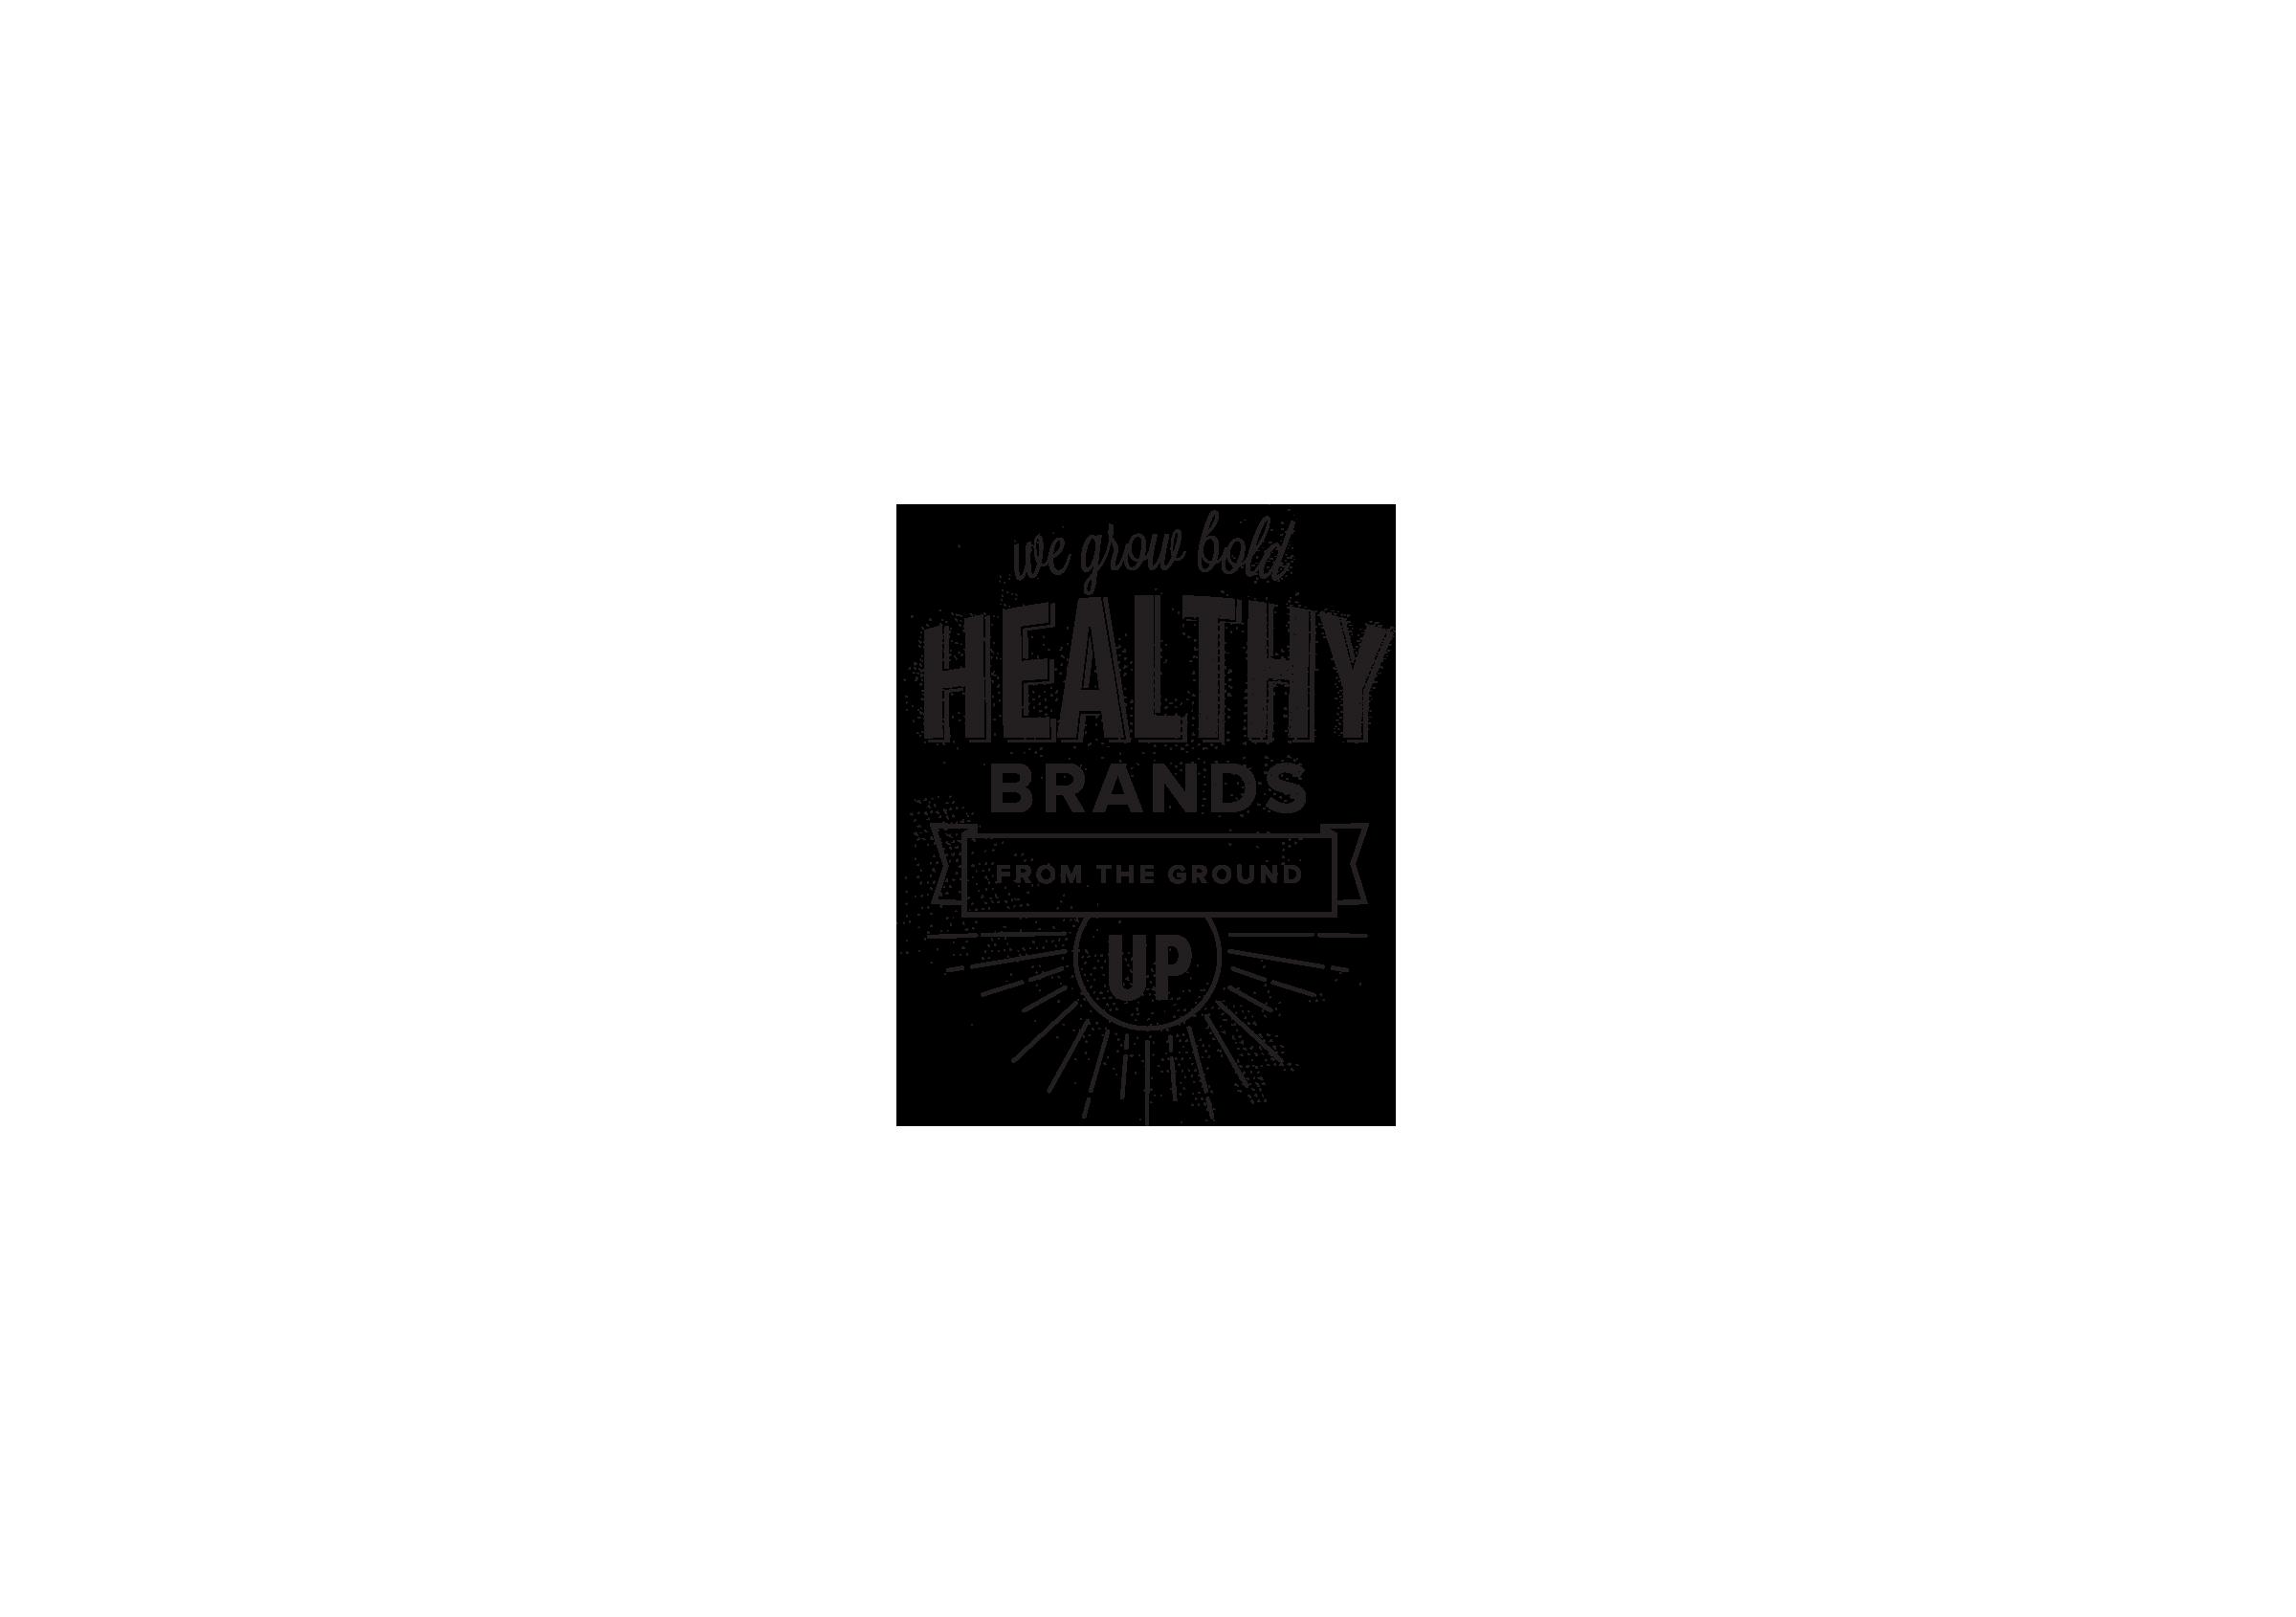 healthy brands website design graphic